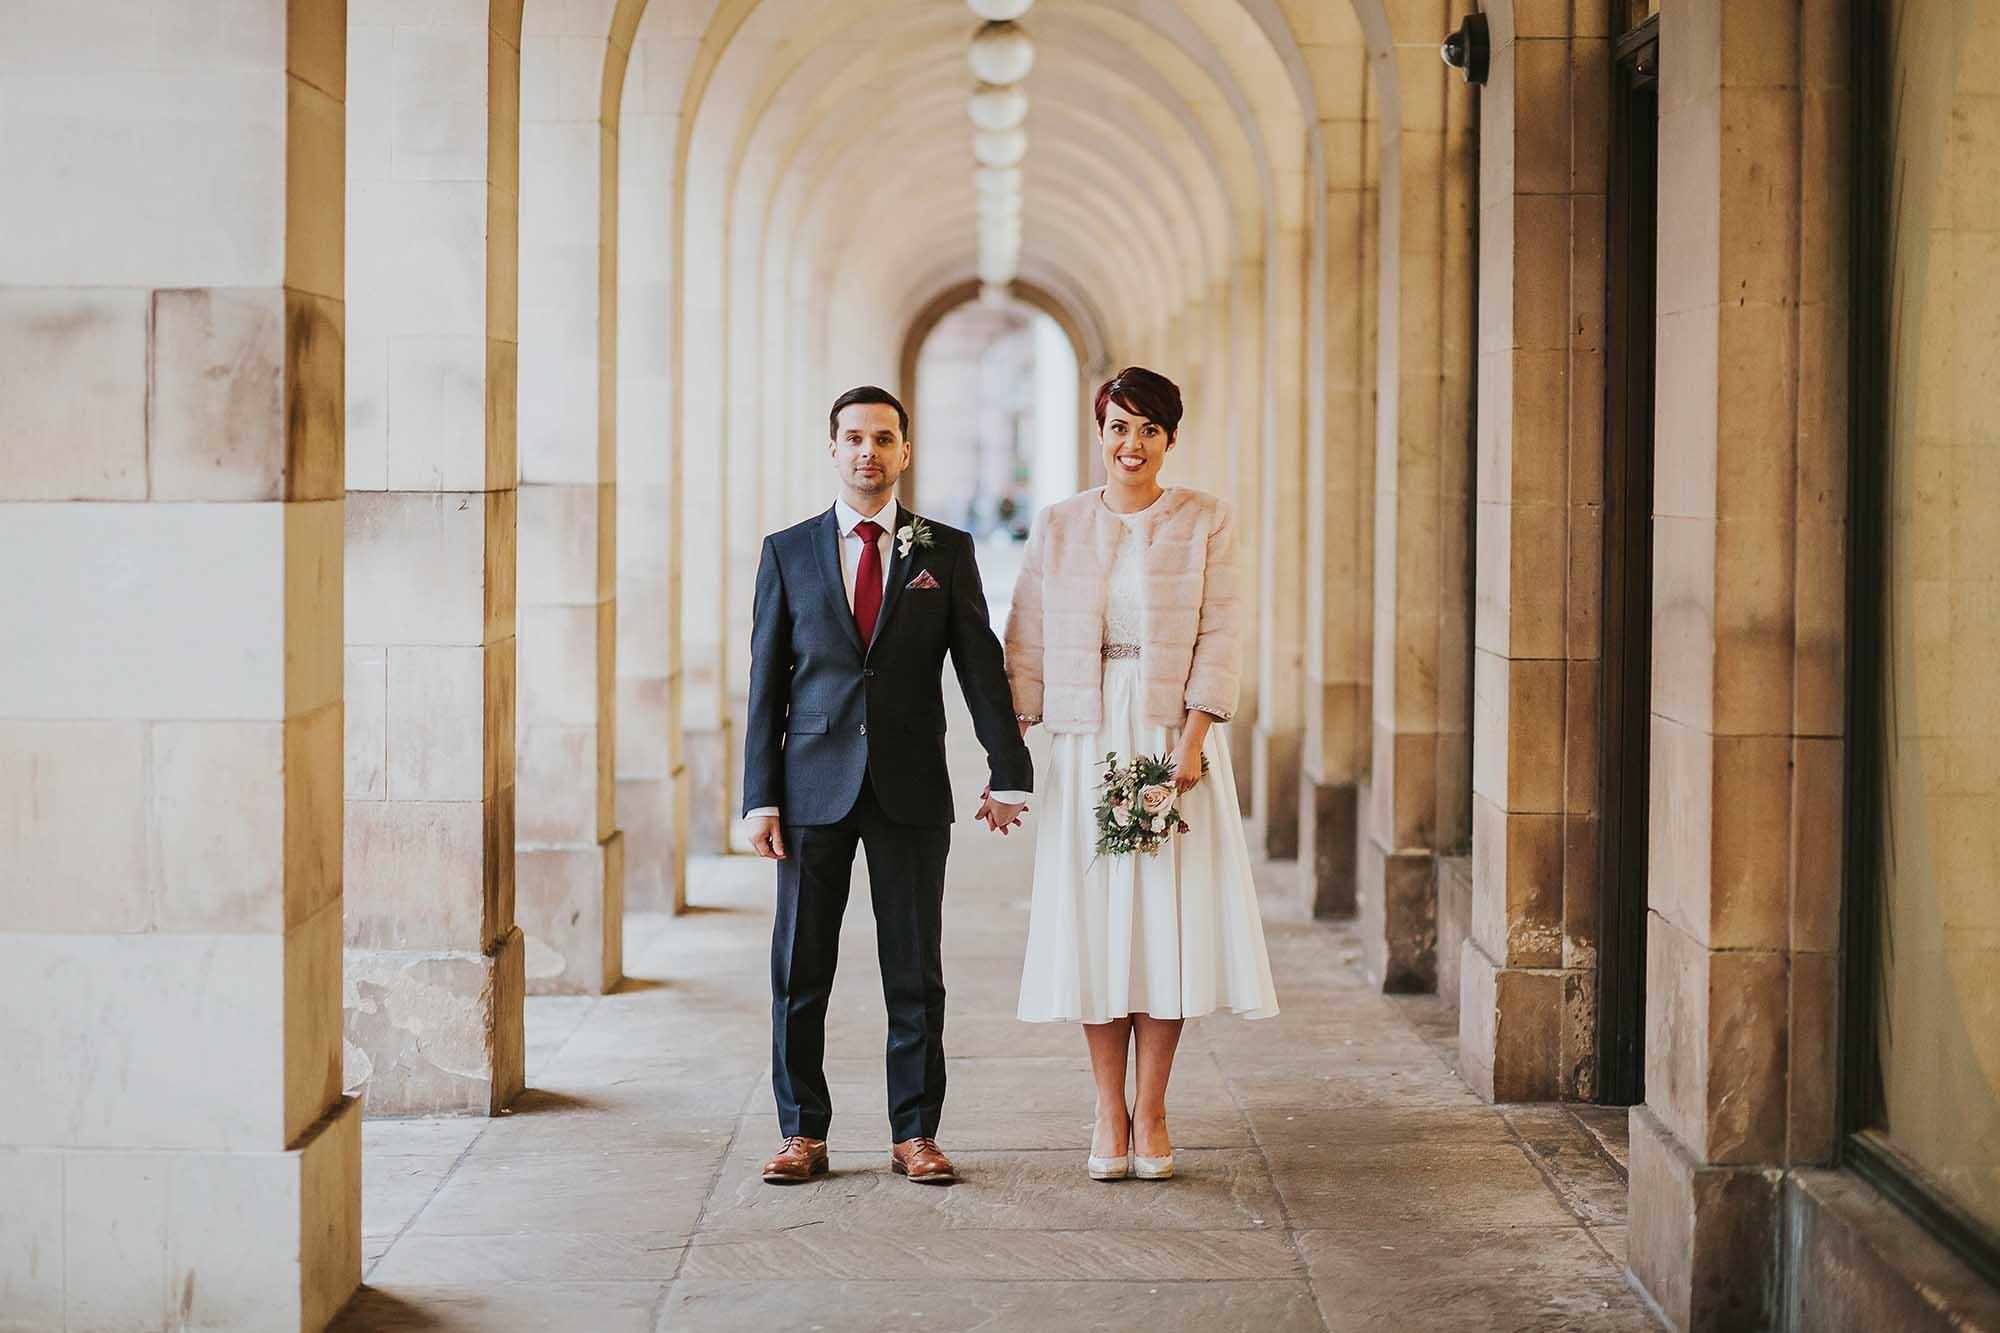 Manchester elopement photographer